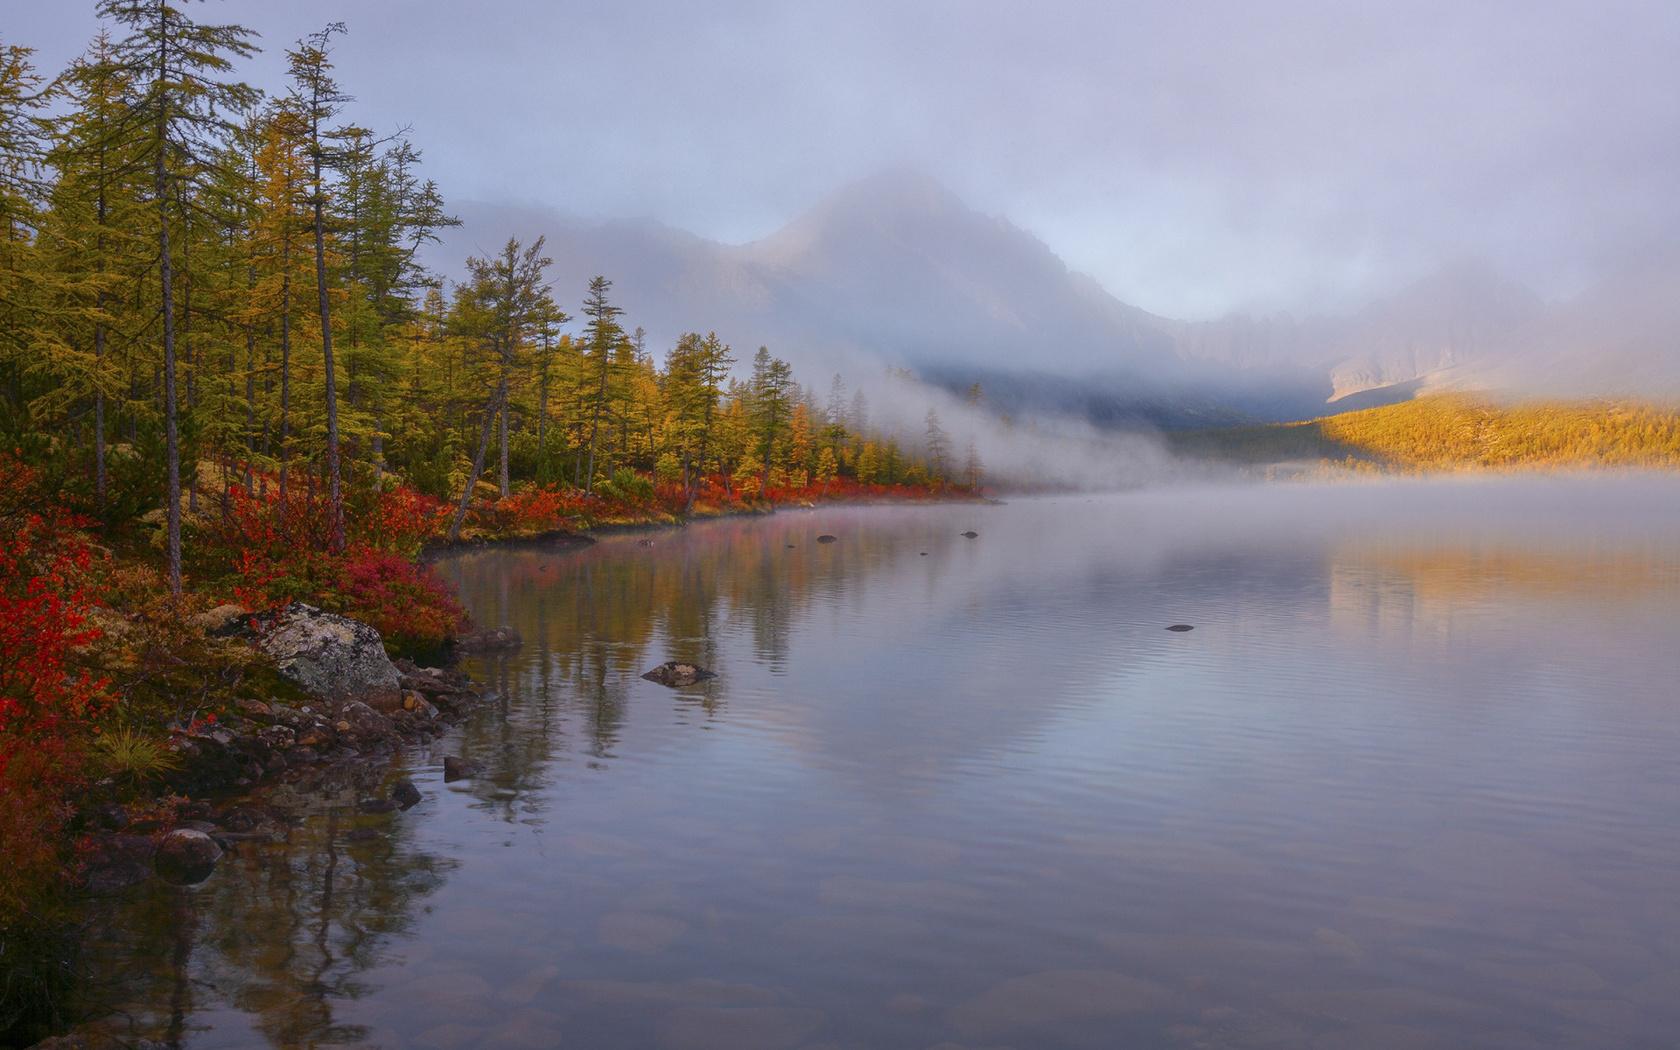 владимир рябков, колыма, осень, озеро